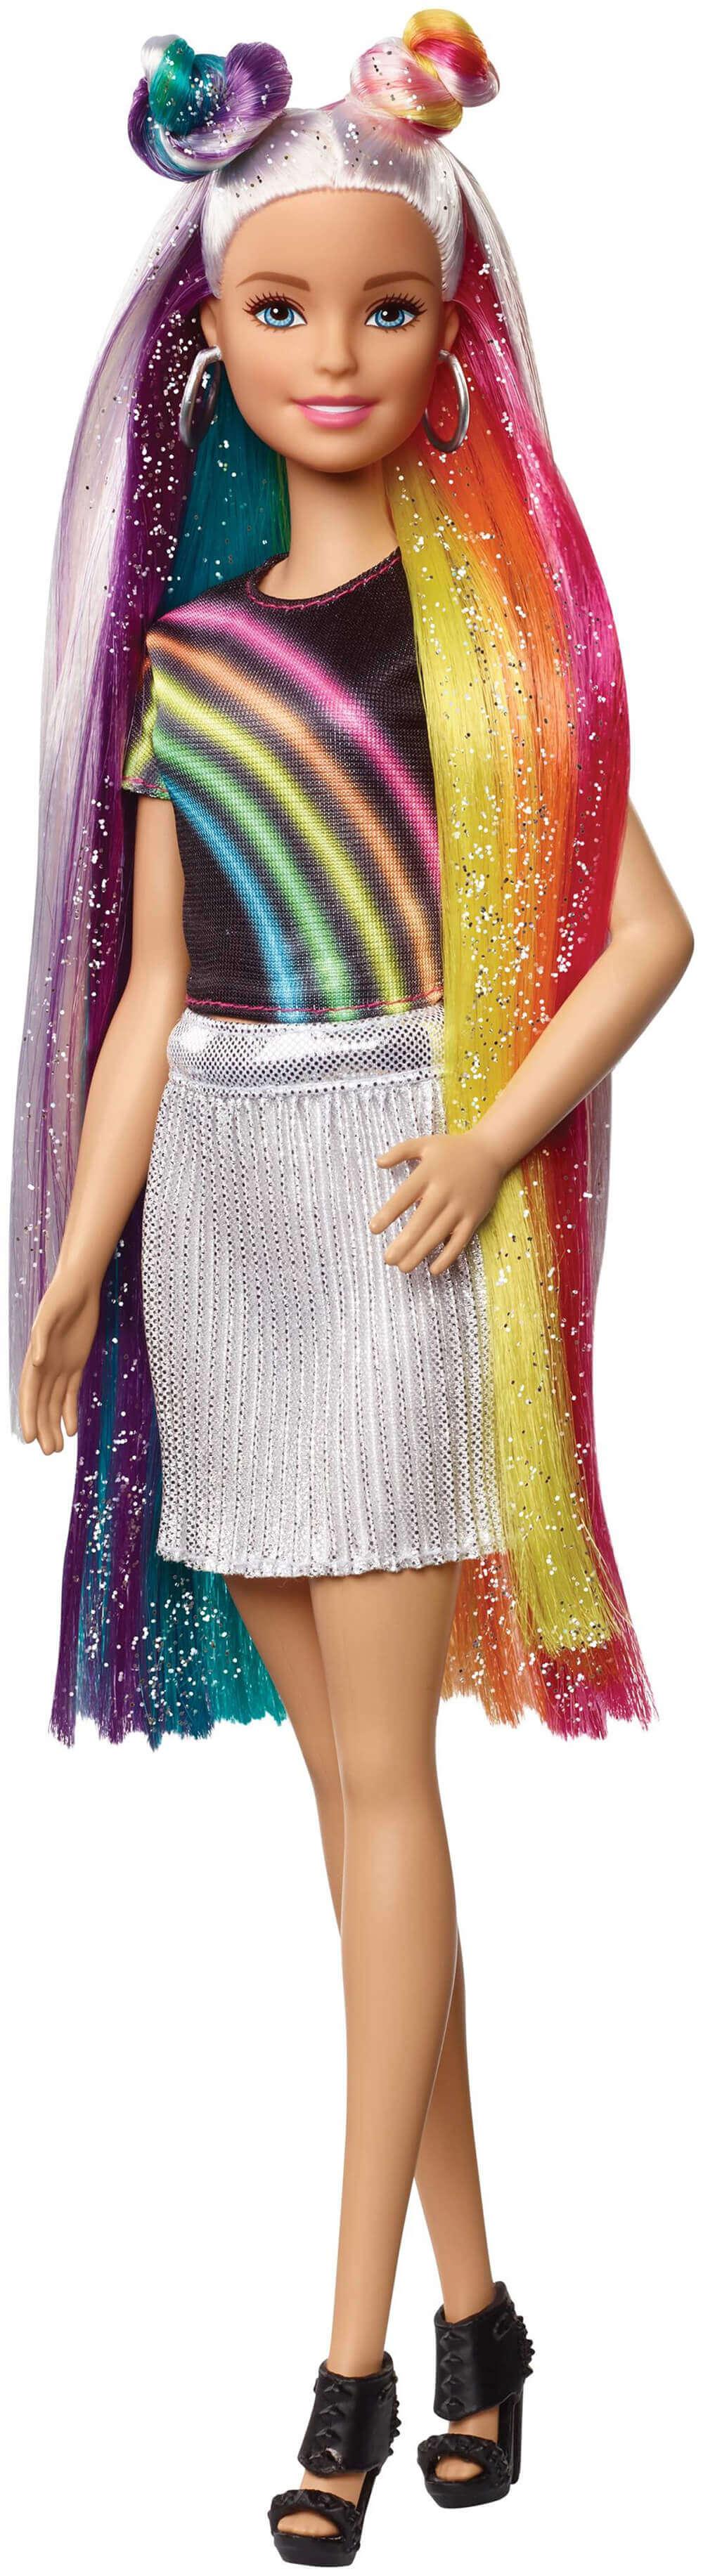 MATTEL FXN96 Barbie Gökkuşağı Renkli Saçlar Bebeği